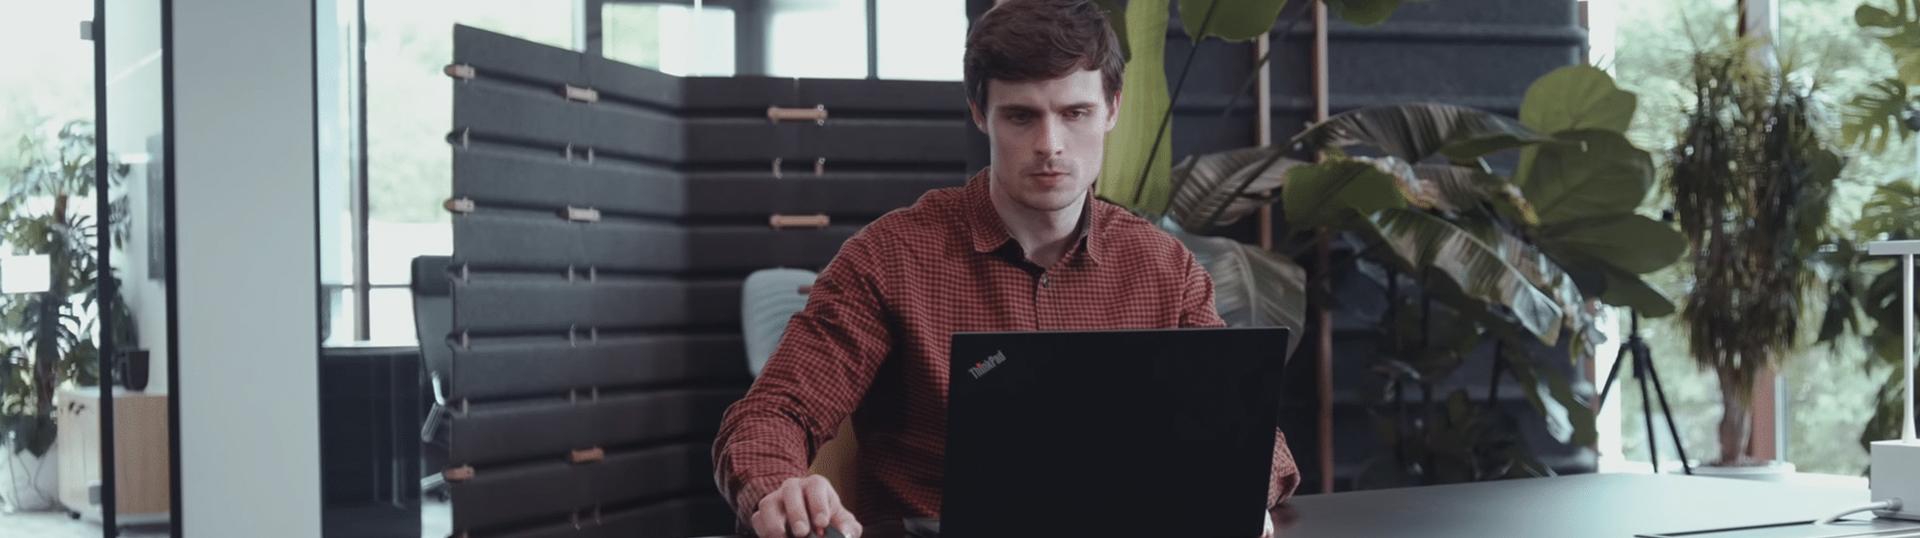 BIM w biurze projektowym. Opinia użytkowników Allplan z firmy L-Bit